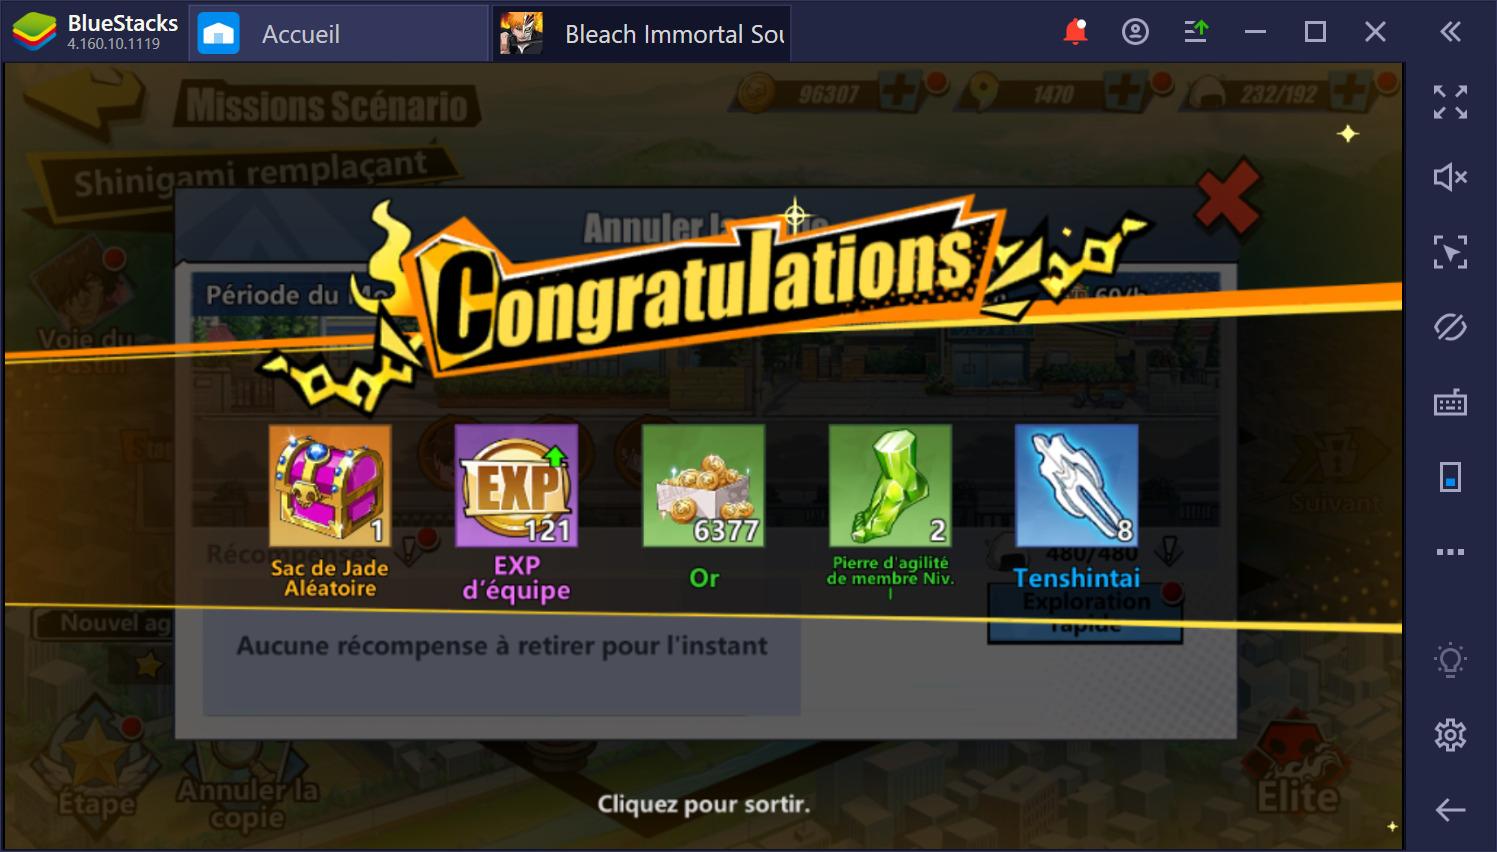 Les meilleurs trucs et astuces pour Bleach: Immortal Soul sur PC